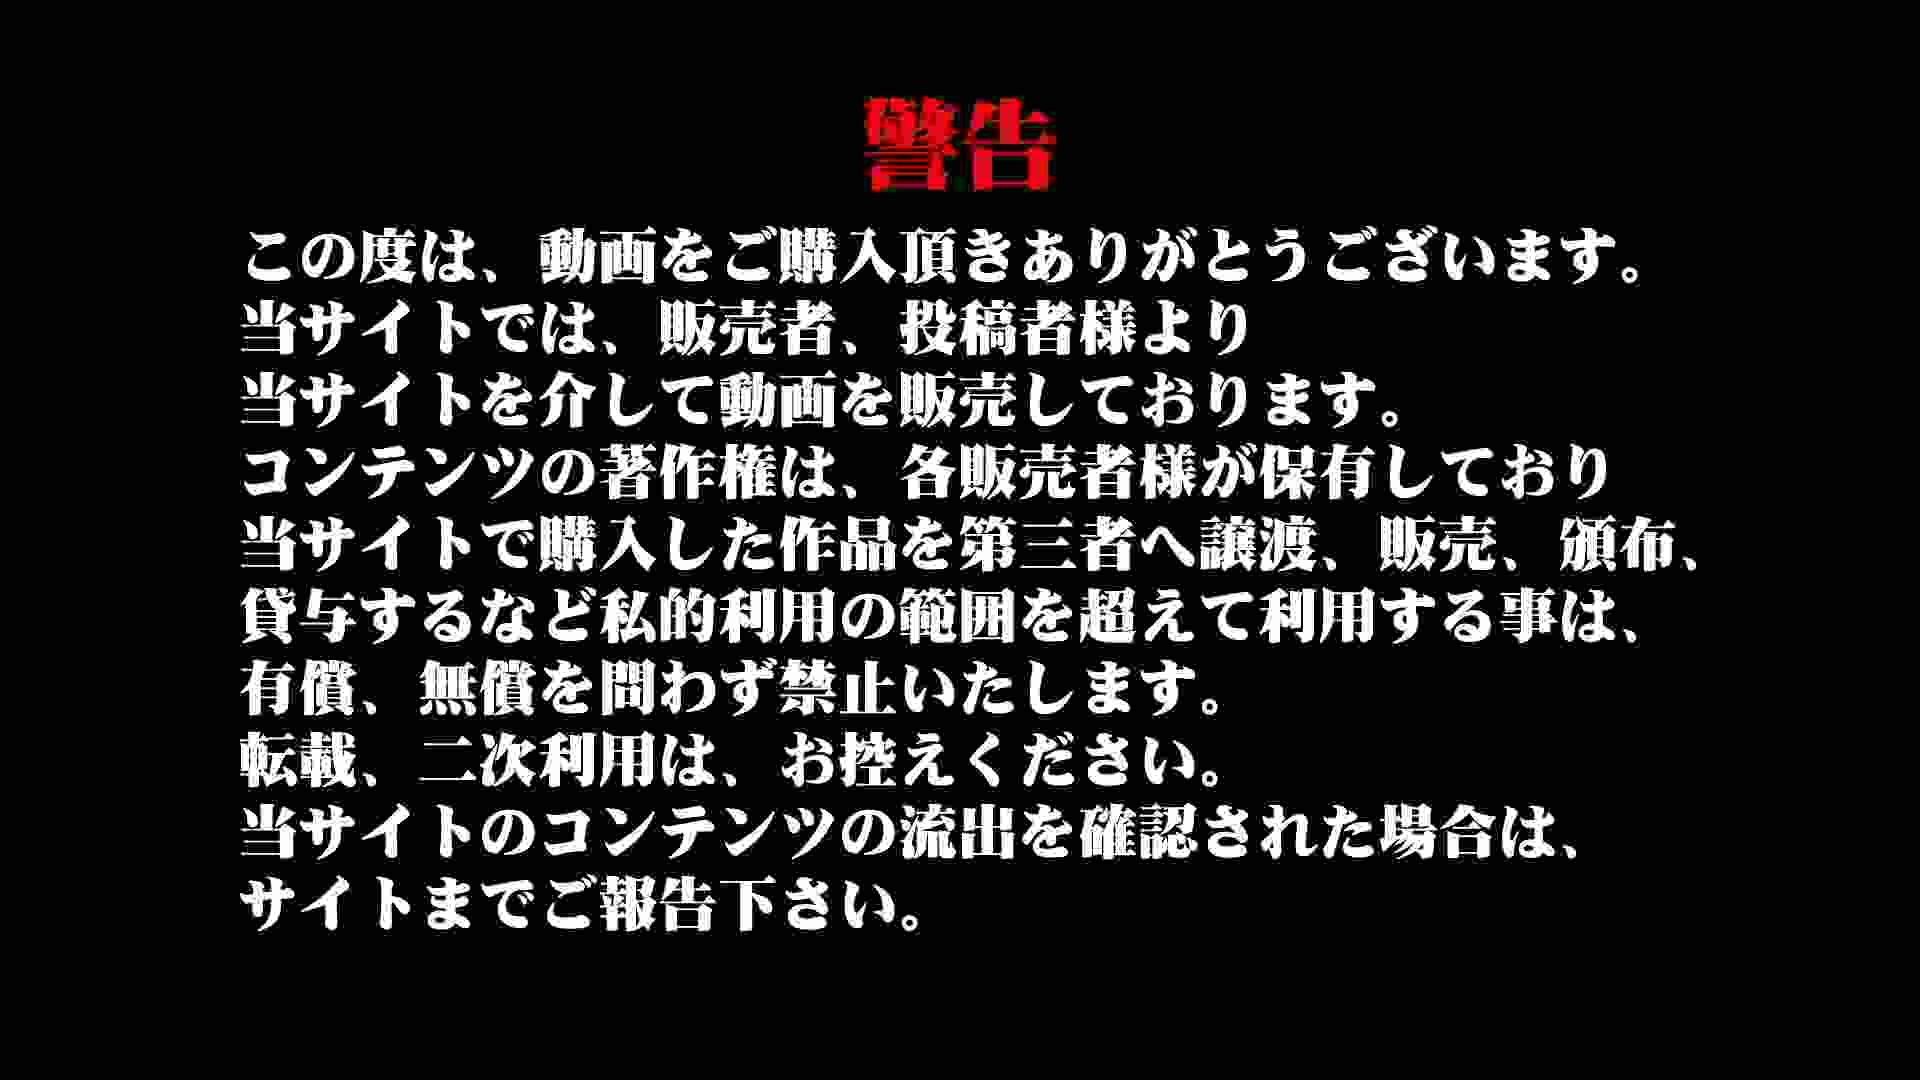 ギャルのツルピカ潜入盗撮!Vol.14 ギャル・コレクション | 盗撮エロすぎ  66連発